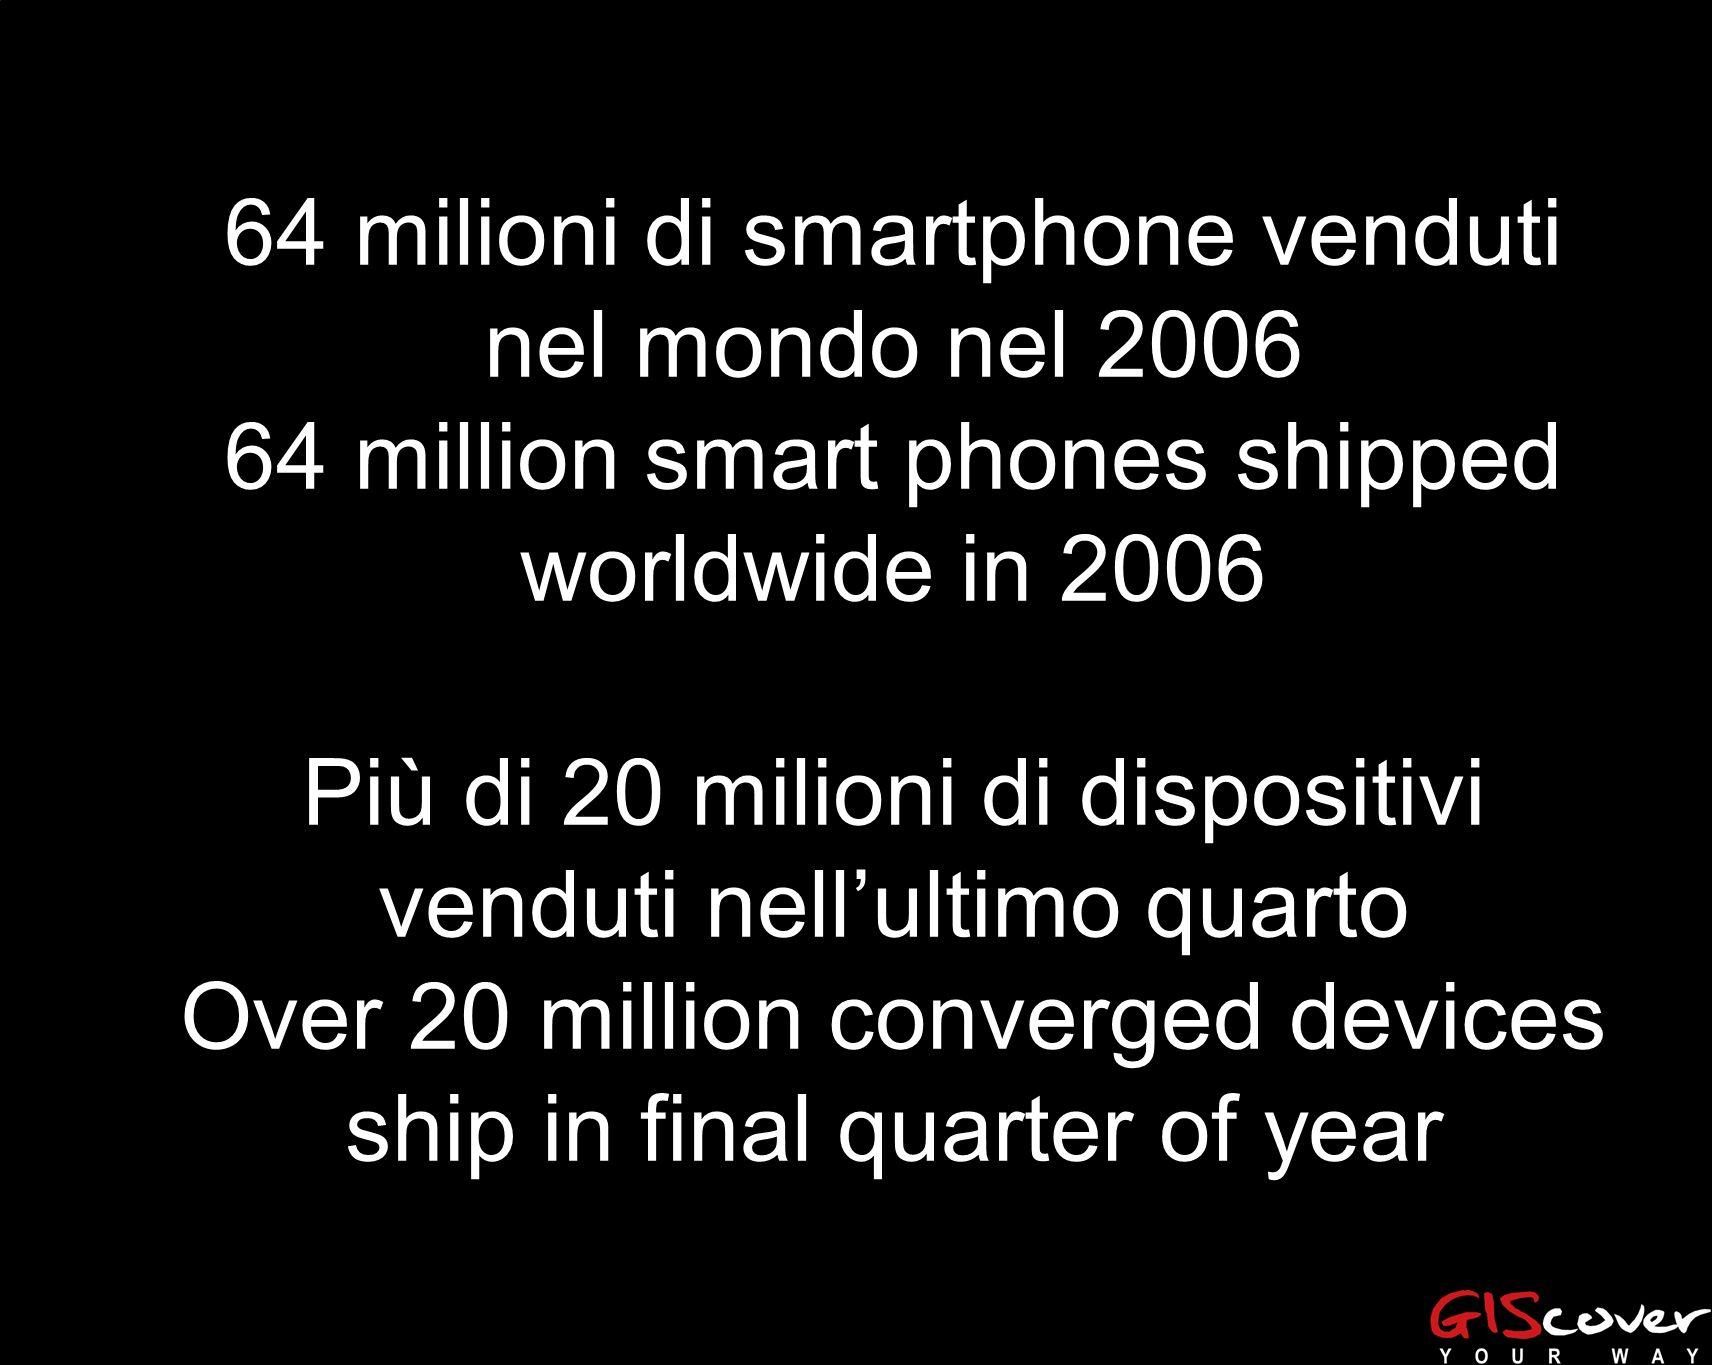 64 milioni di smartphone venduti nel mondo nel 2006